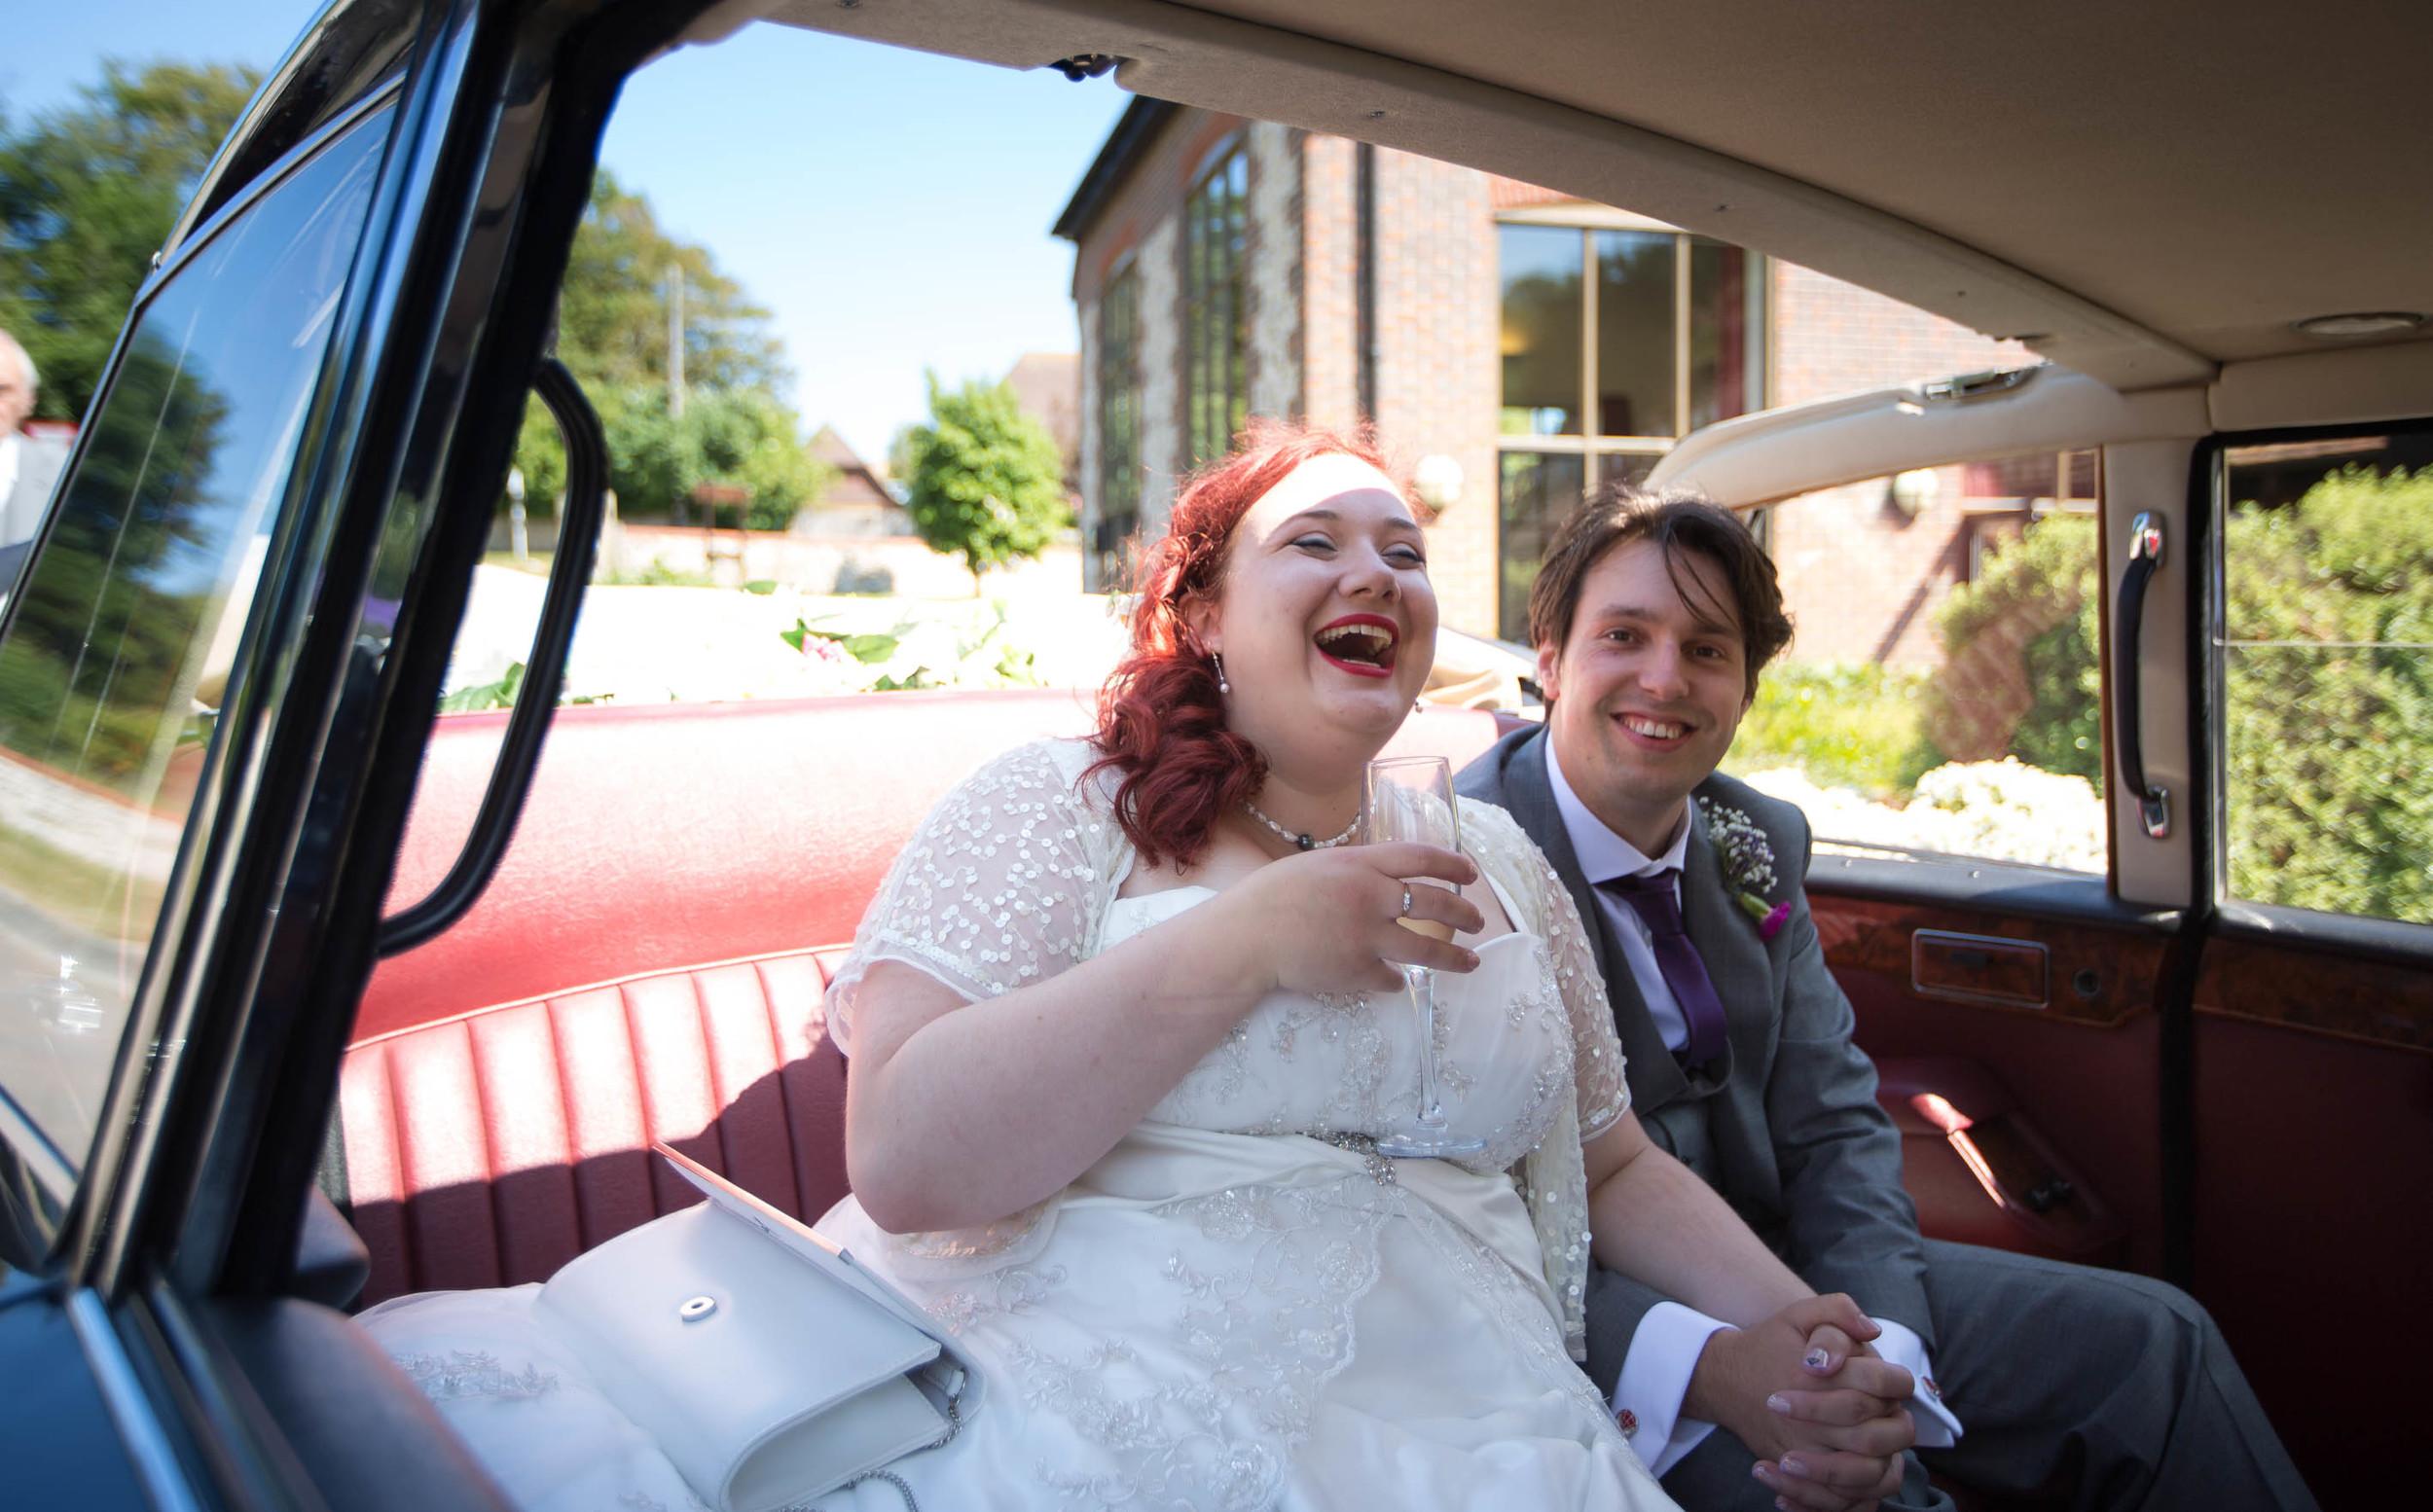 Eastbourne-wedding-car-bride-arrives-1